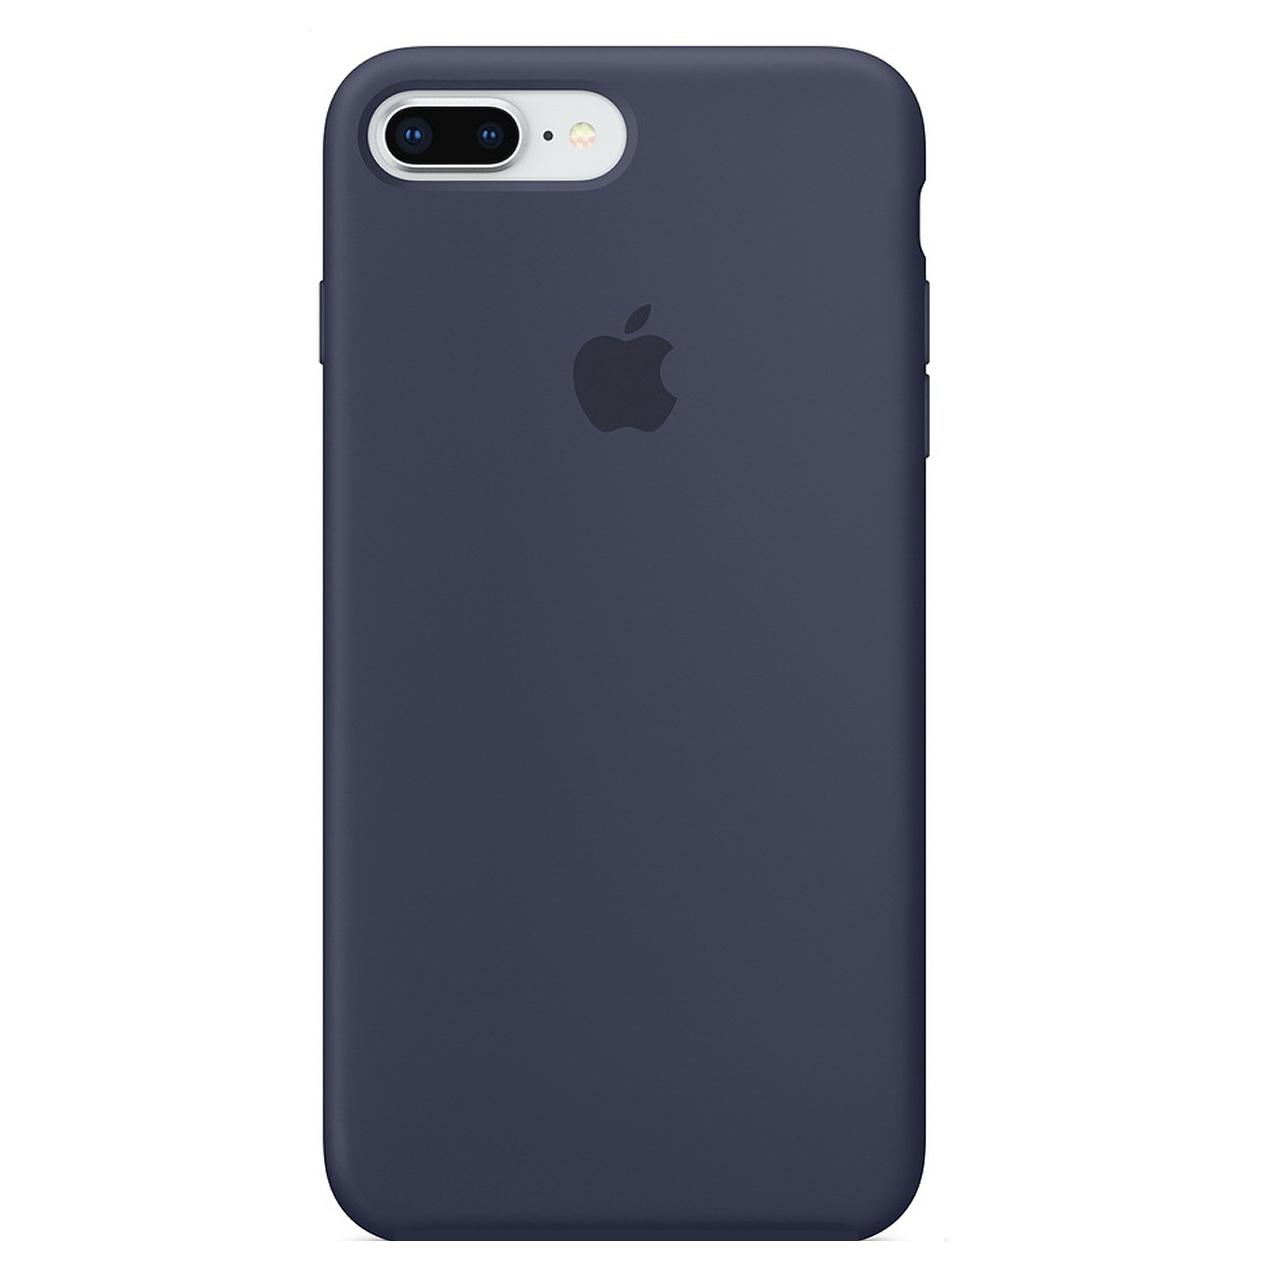 کاور سیلیکونی مدل SlC مناسب برای گوشی موبایل اپل آیفون 6Plus / 6S Plus              ( قیمت و خرید)